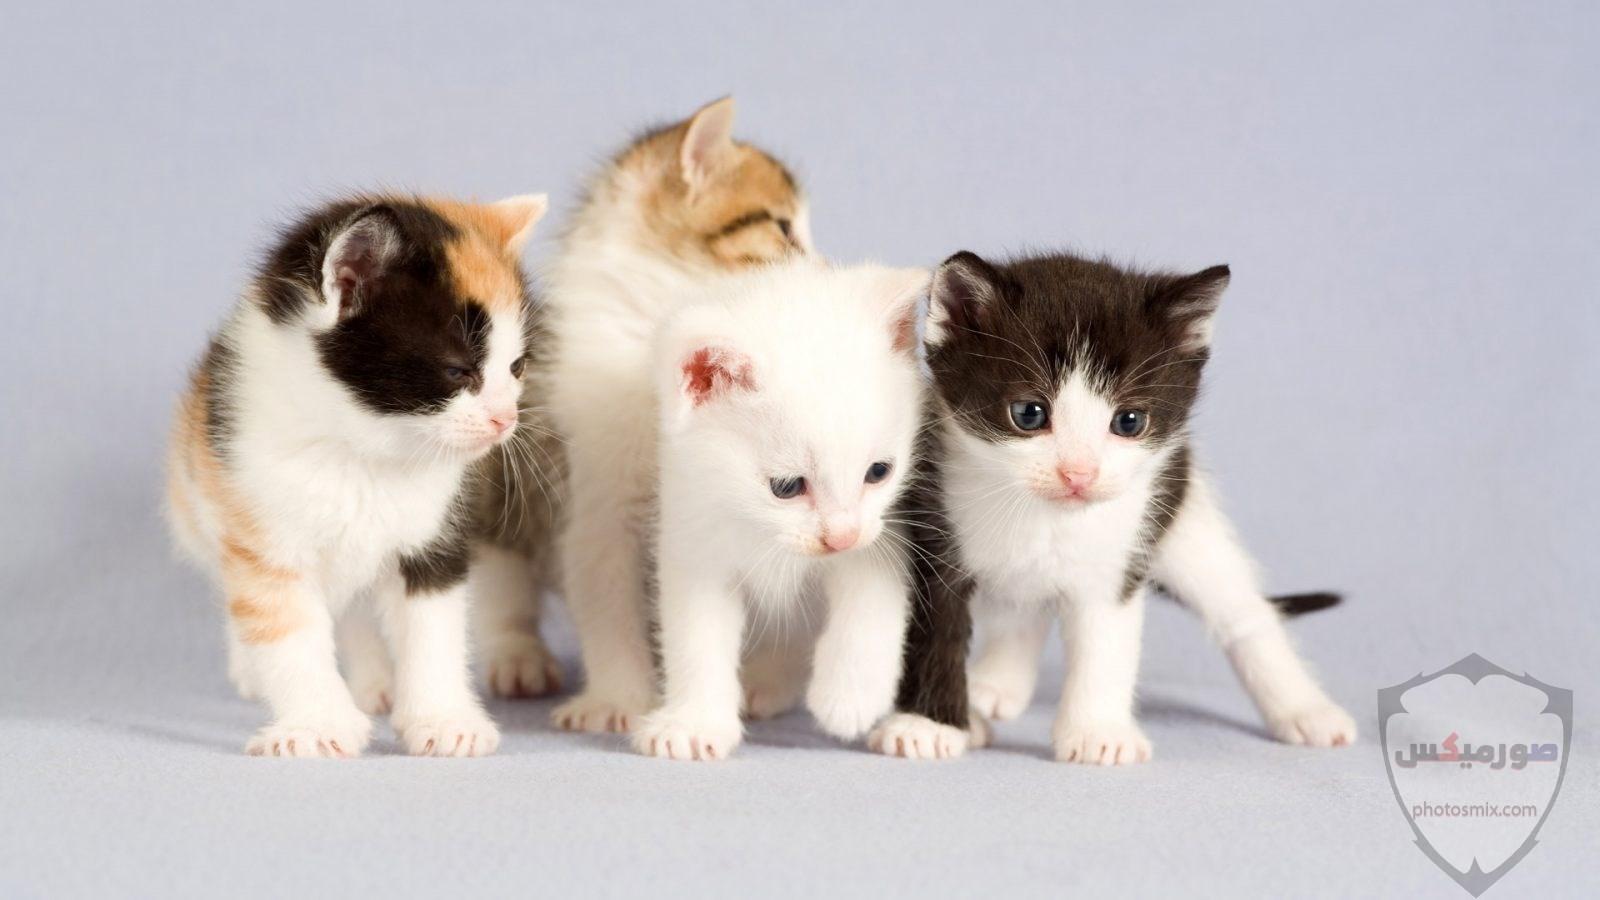 صور خلفيات رمزيات قطط كيوت صورة قطة كيوت جدا 20